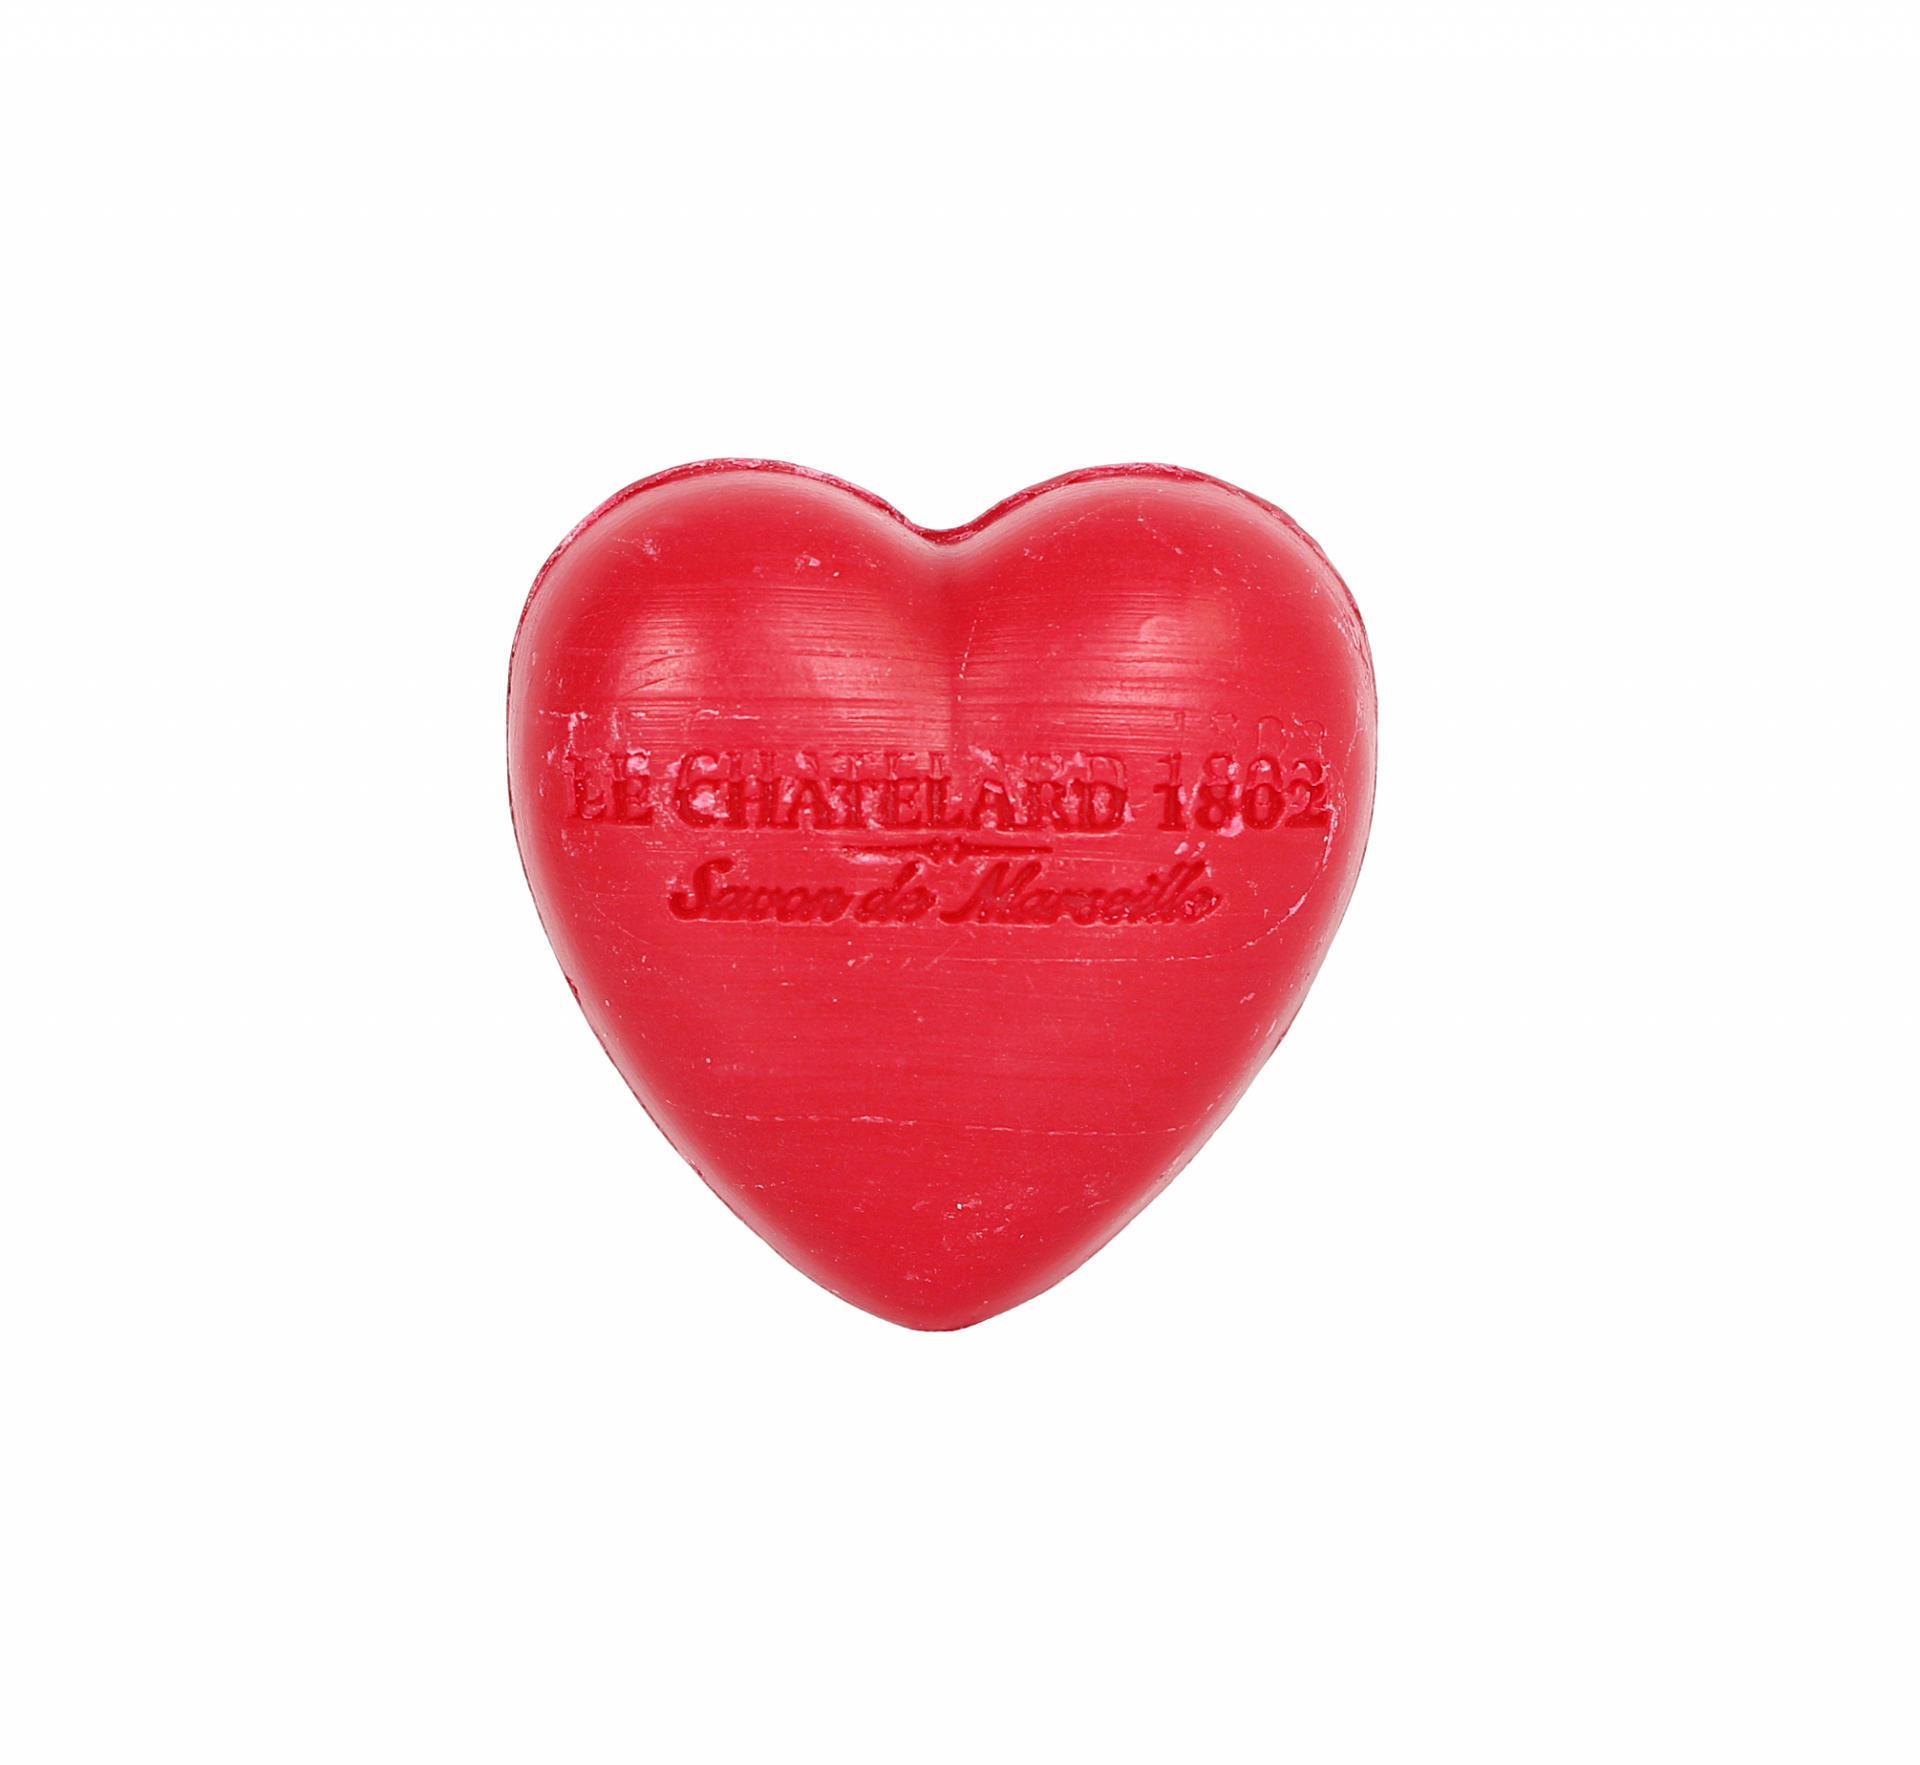 LE CHATELARD Francouzské mýdlo Heart - Červené ovoce 25gr, červená barva